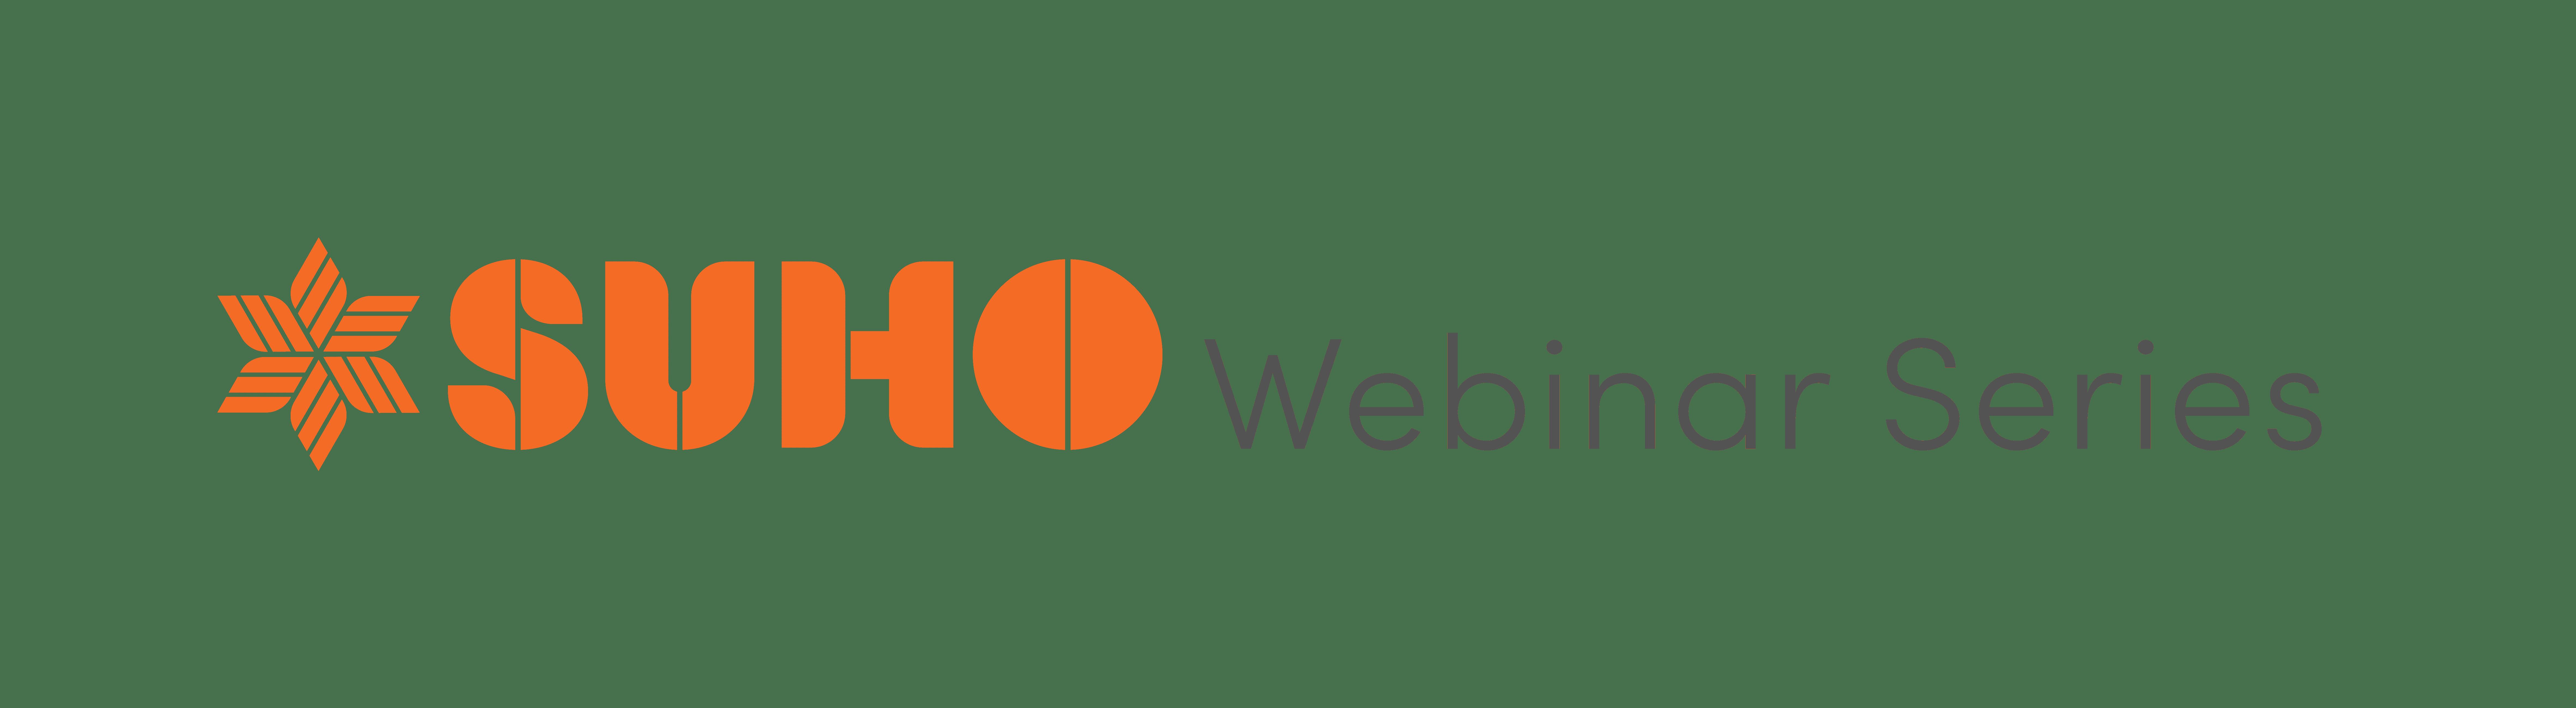 SUHO Webinar Series Logo